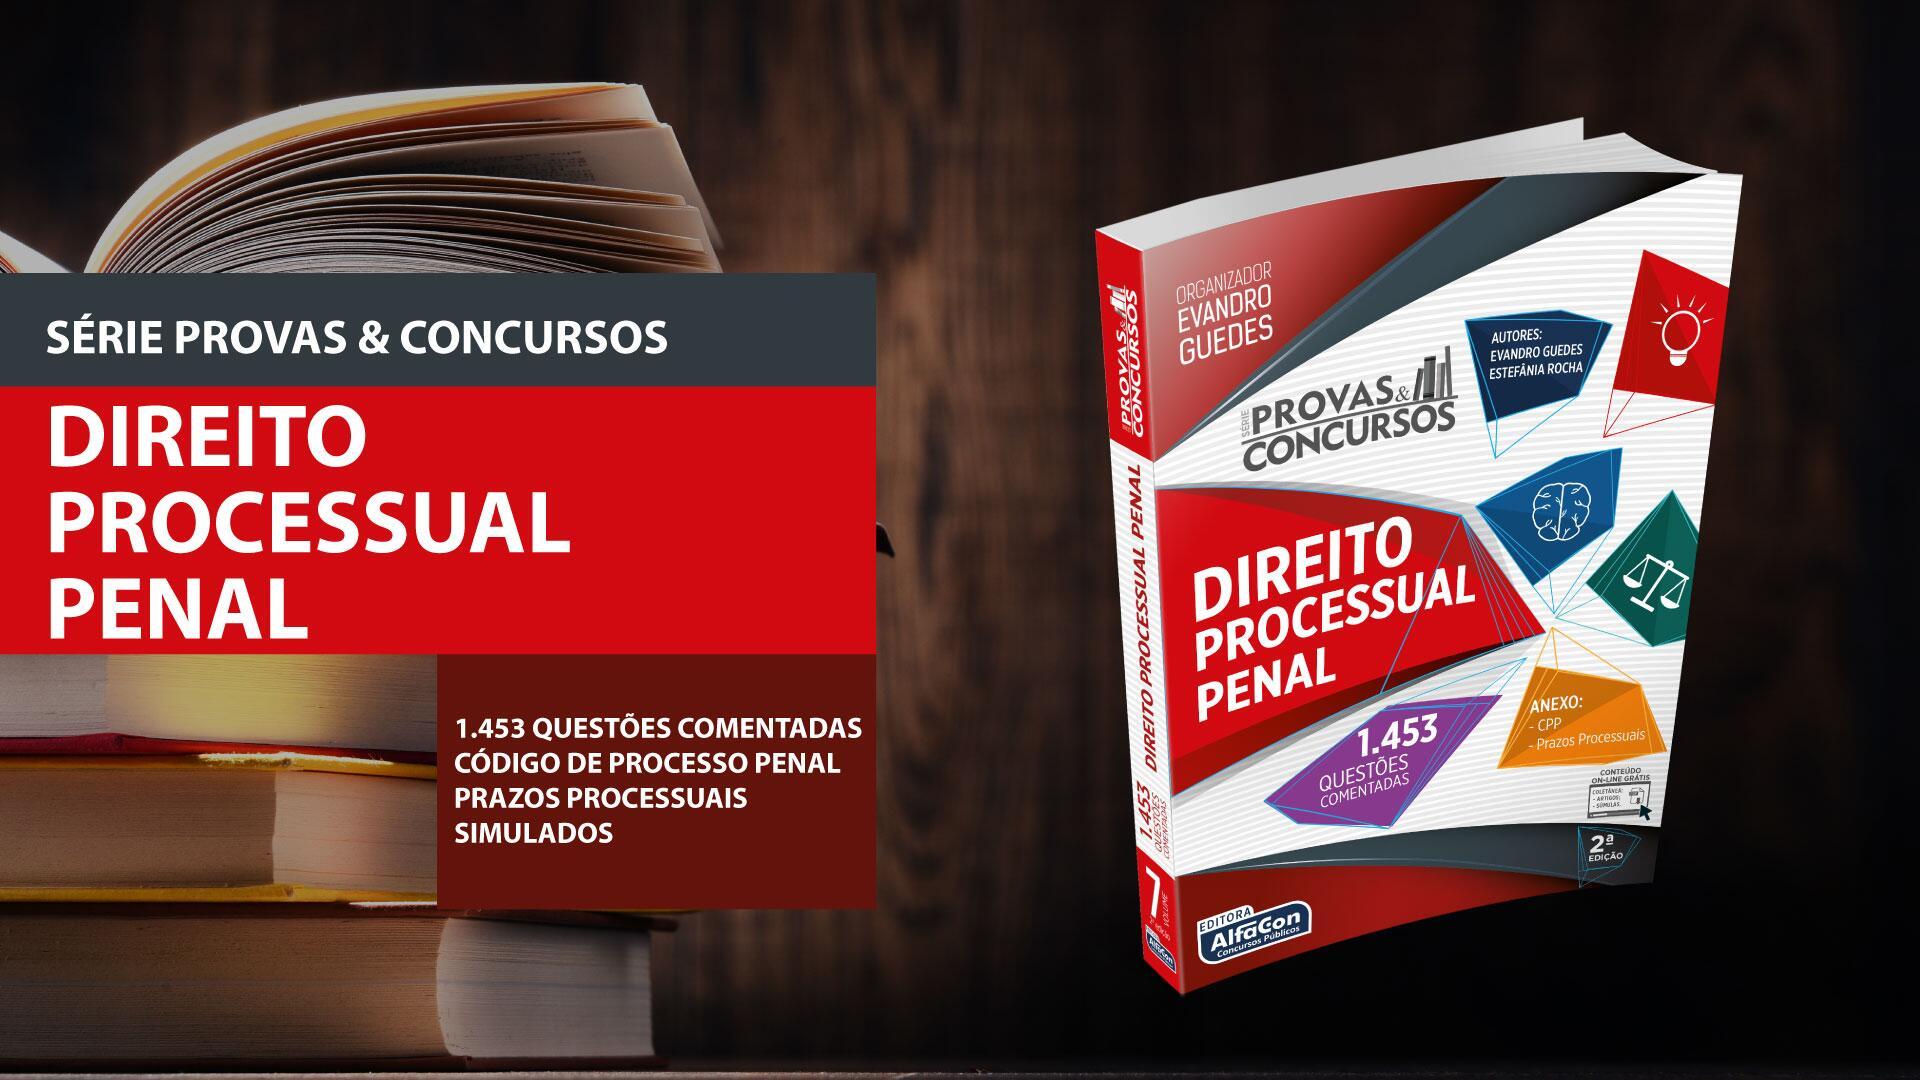 Serie provas e concursos direito processual penal